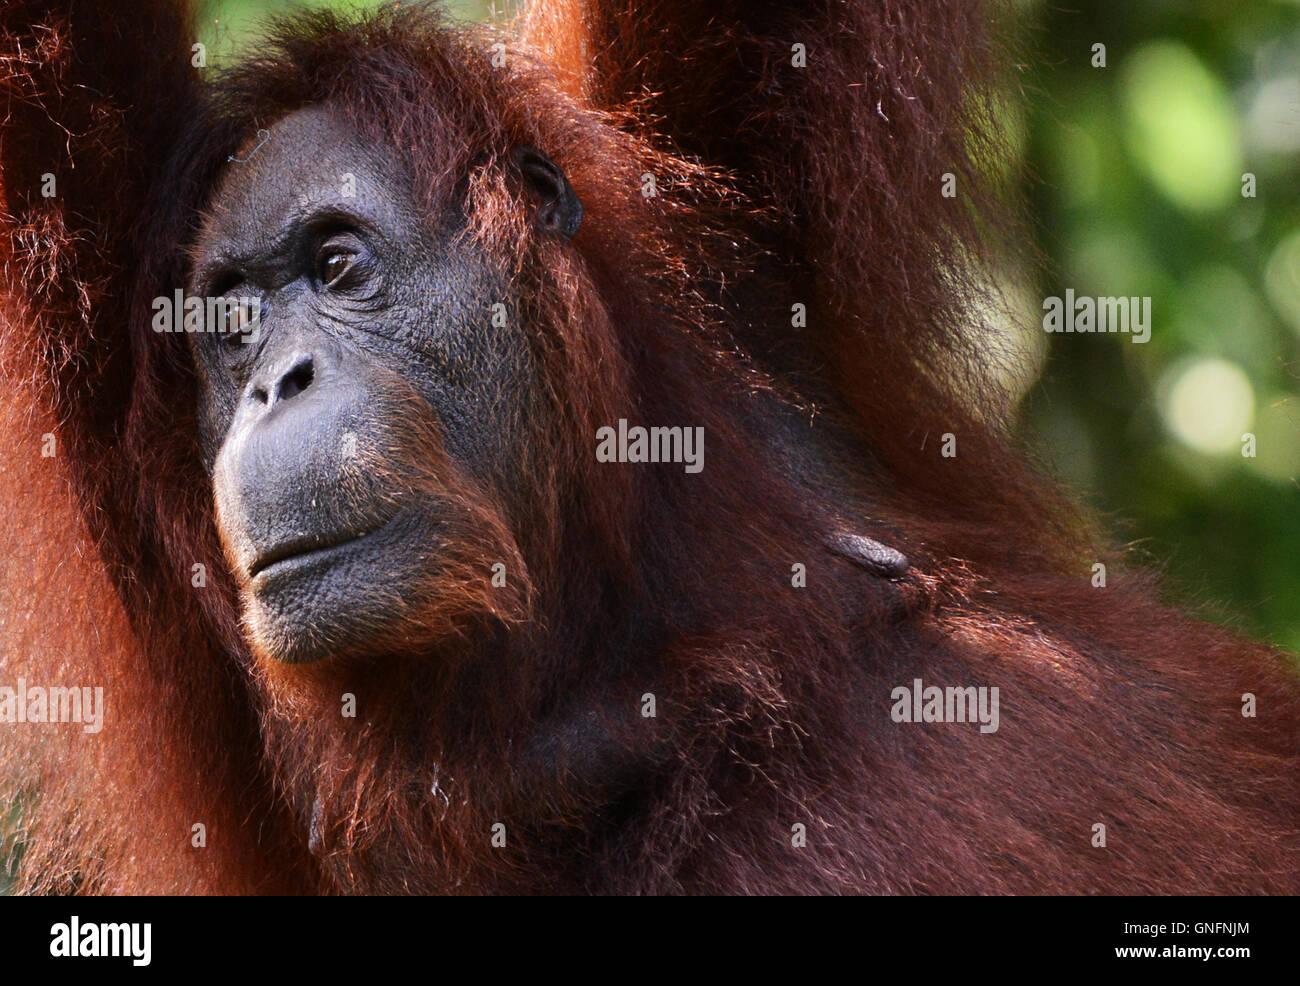 Ritratto di una femmina di Orango Tango. Immagini Stock